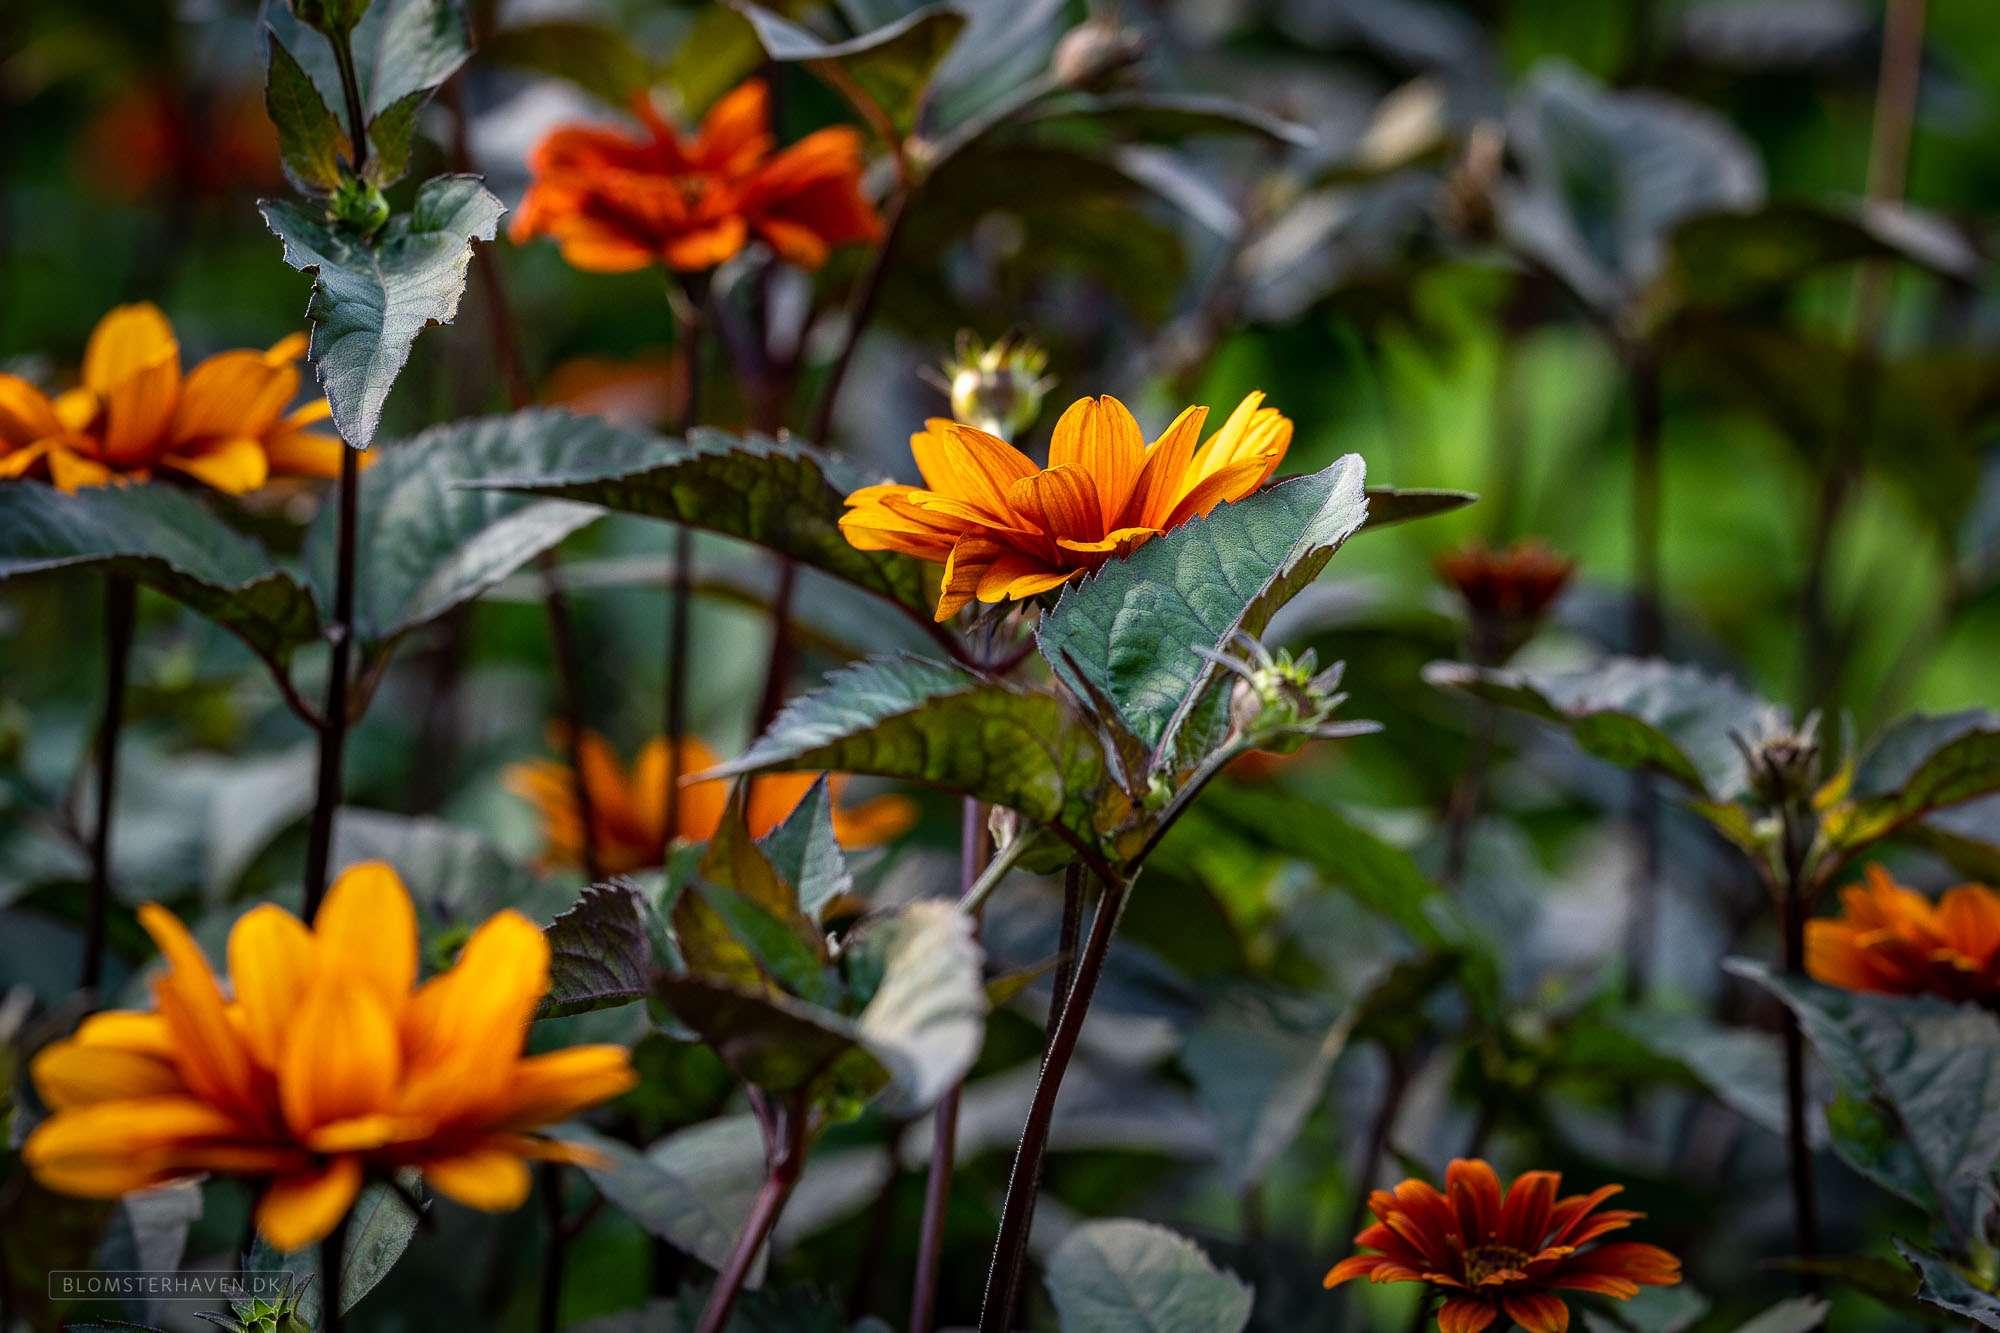 Kradse farver i haven